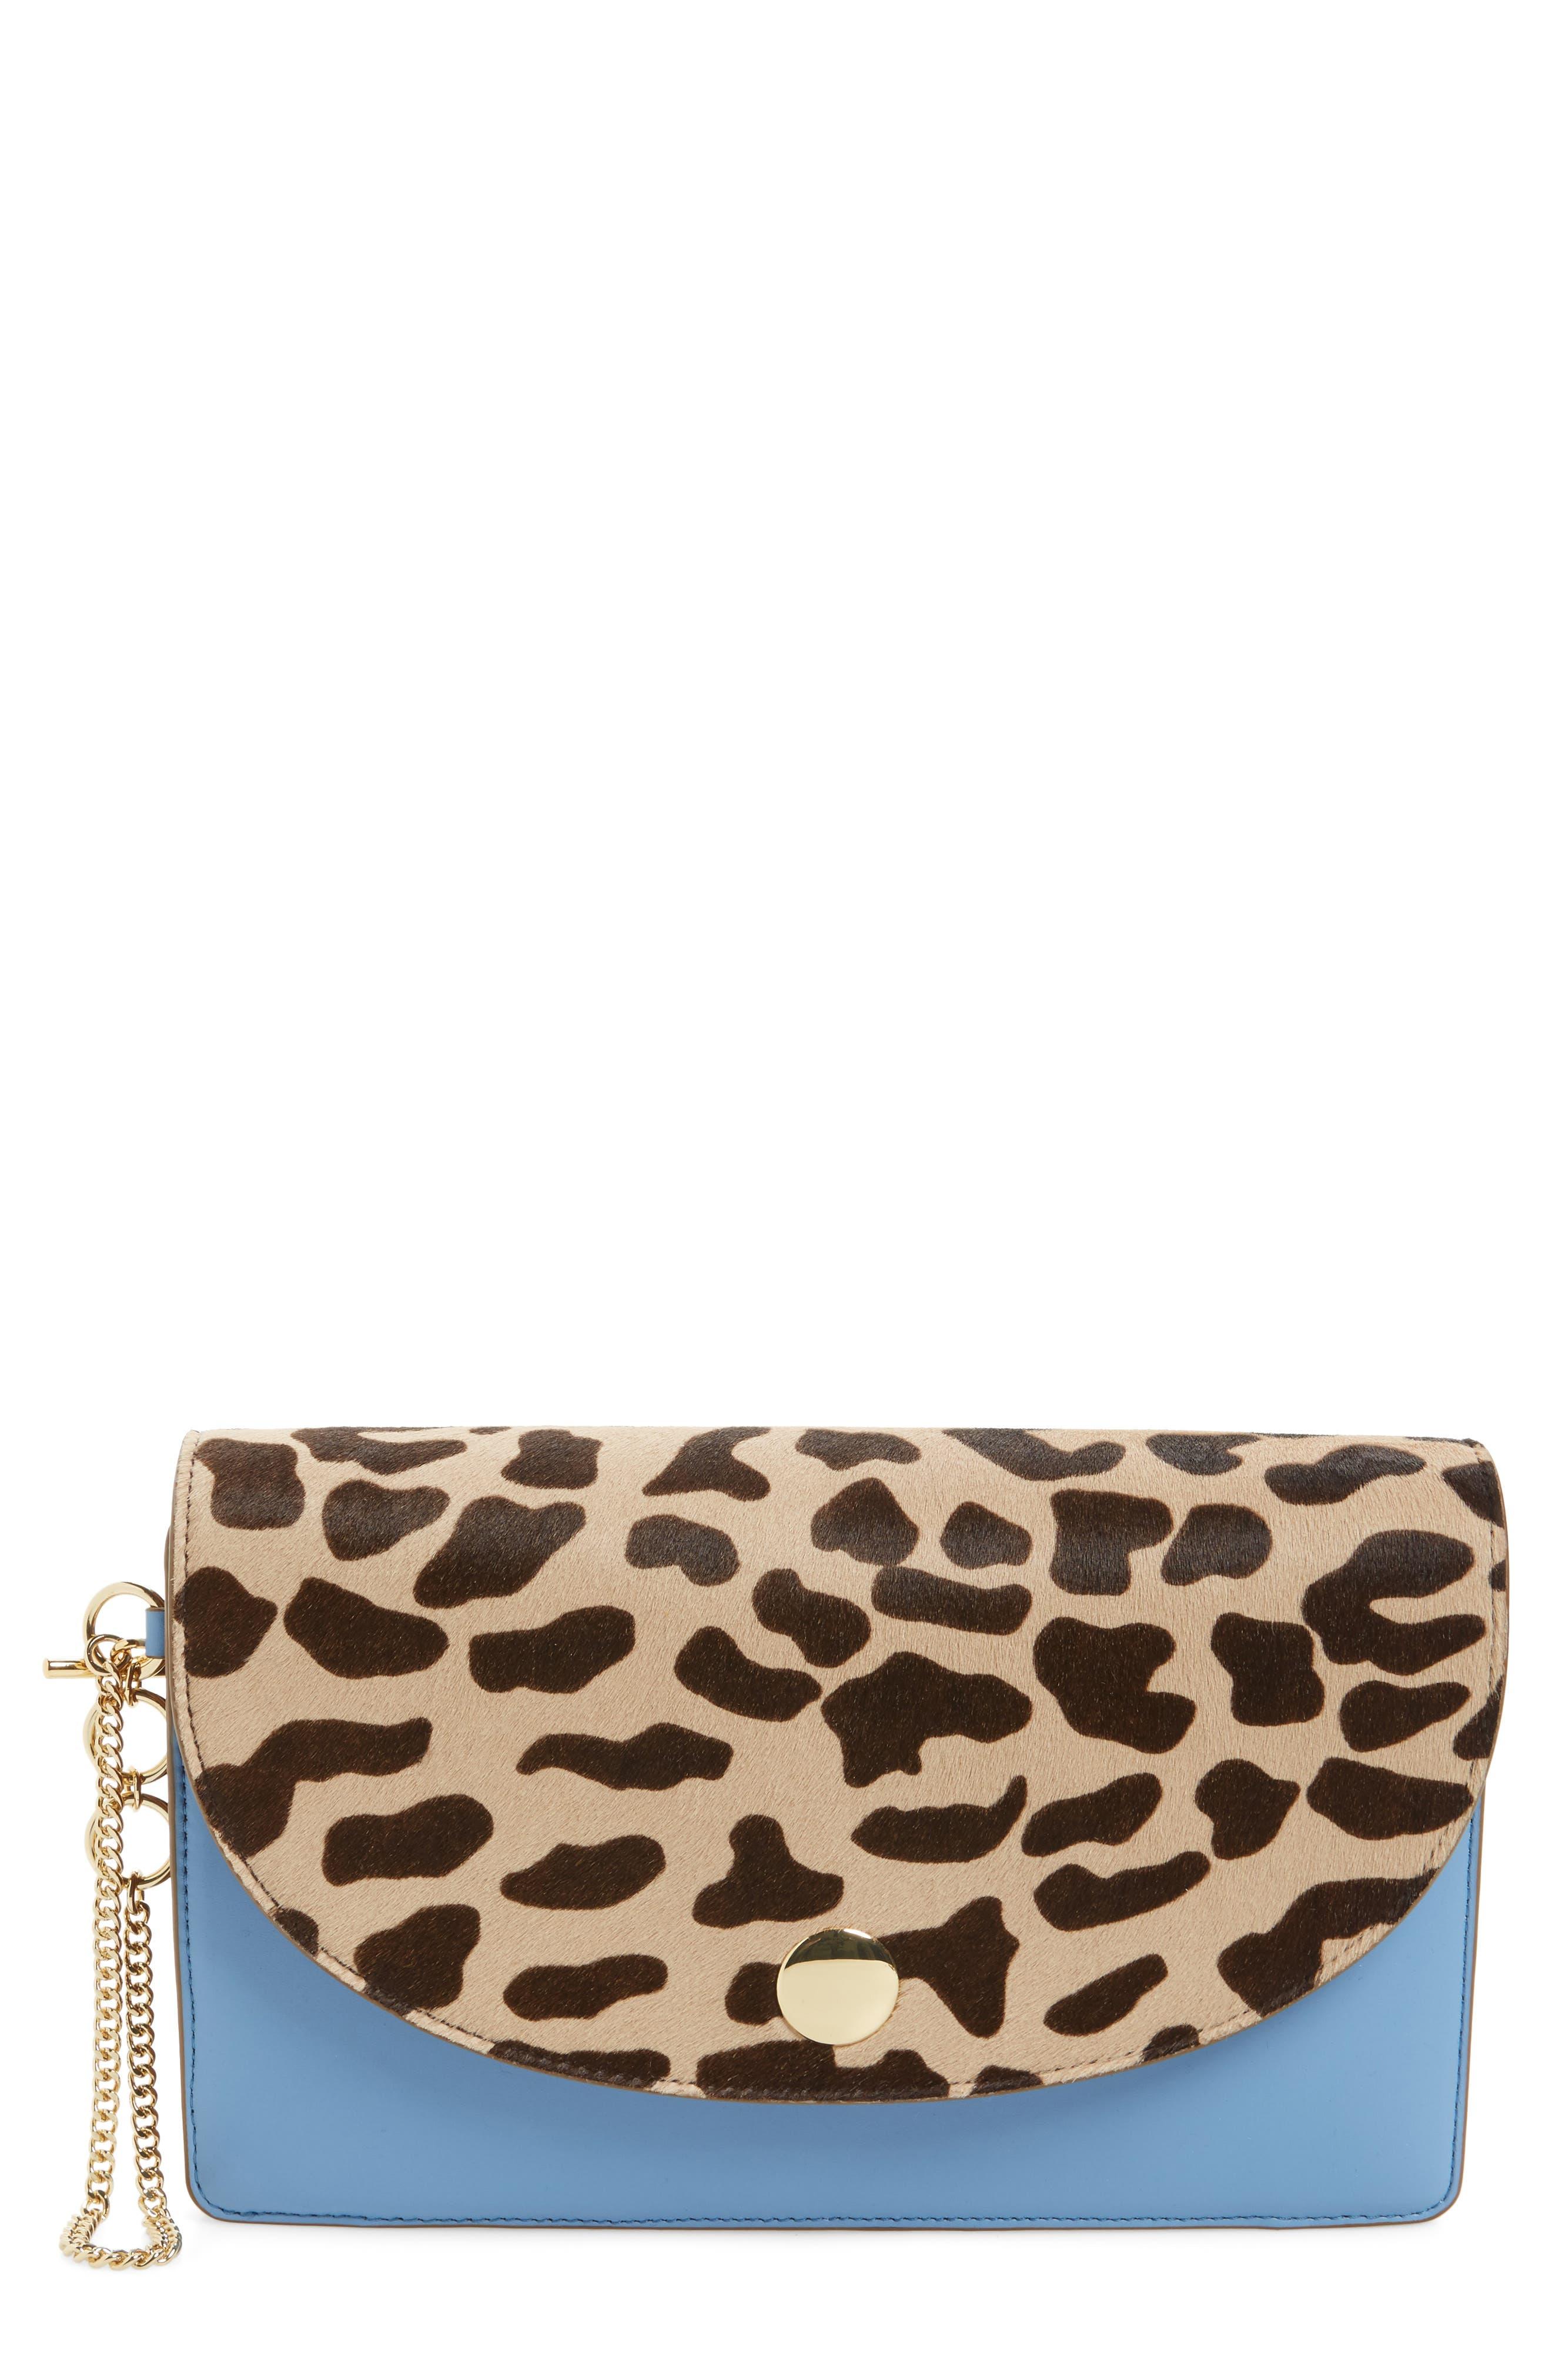 Diane von Furstenberg Convertible Leather & Genuine Calf Hair Saddle Clutch